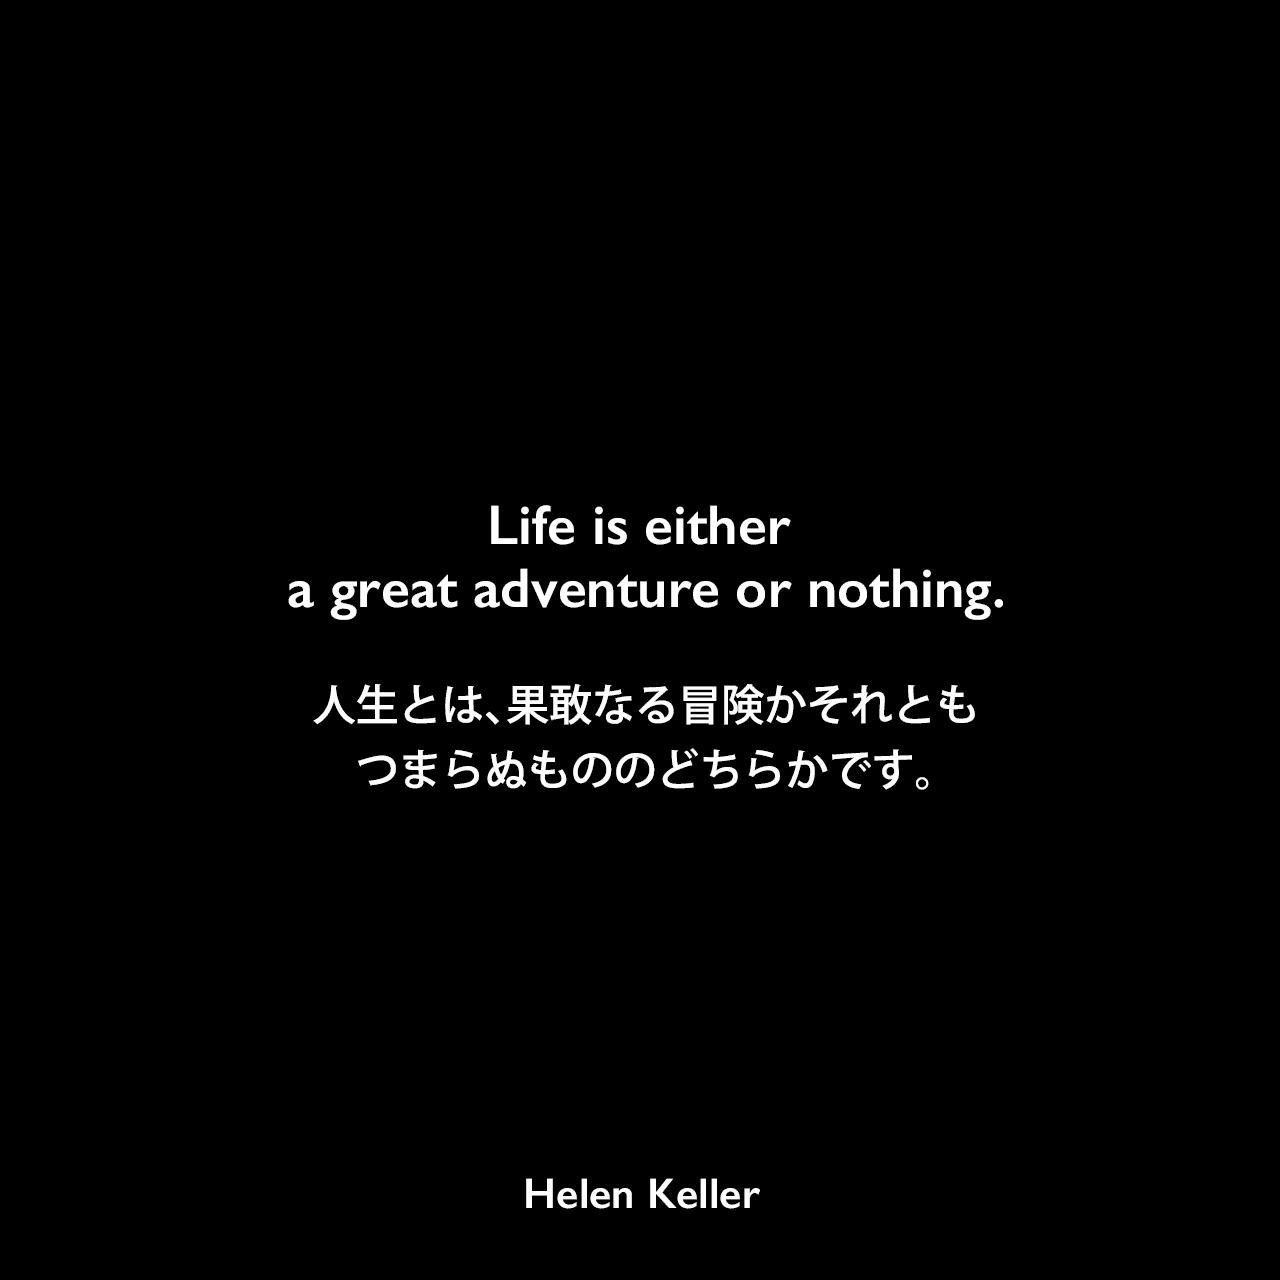 Life is either a great adventure or nothing.人生とは、果敢なる冒険かそれともつまらぬもののどちらかです。